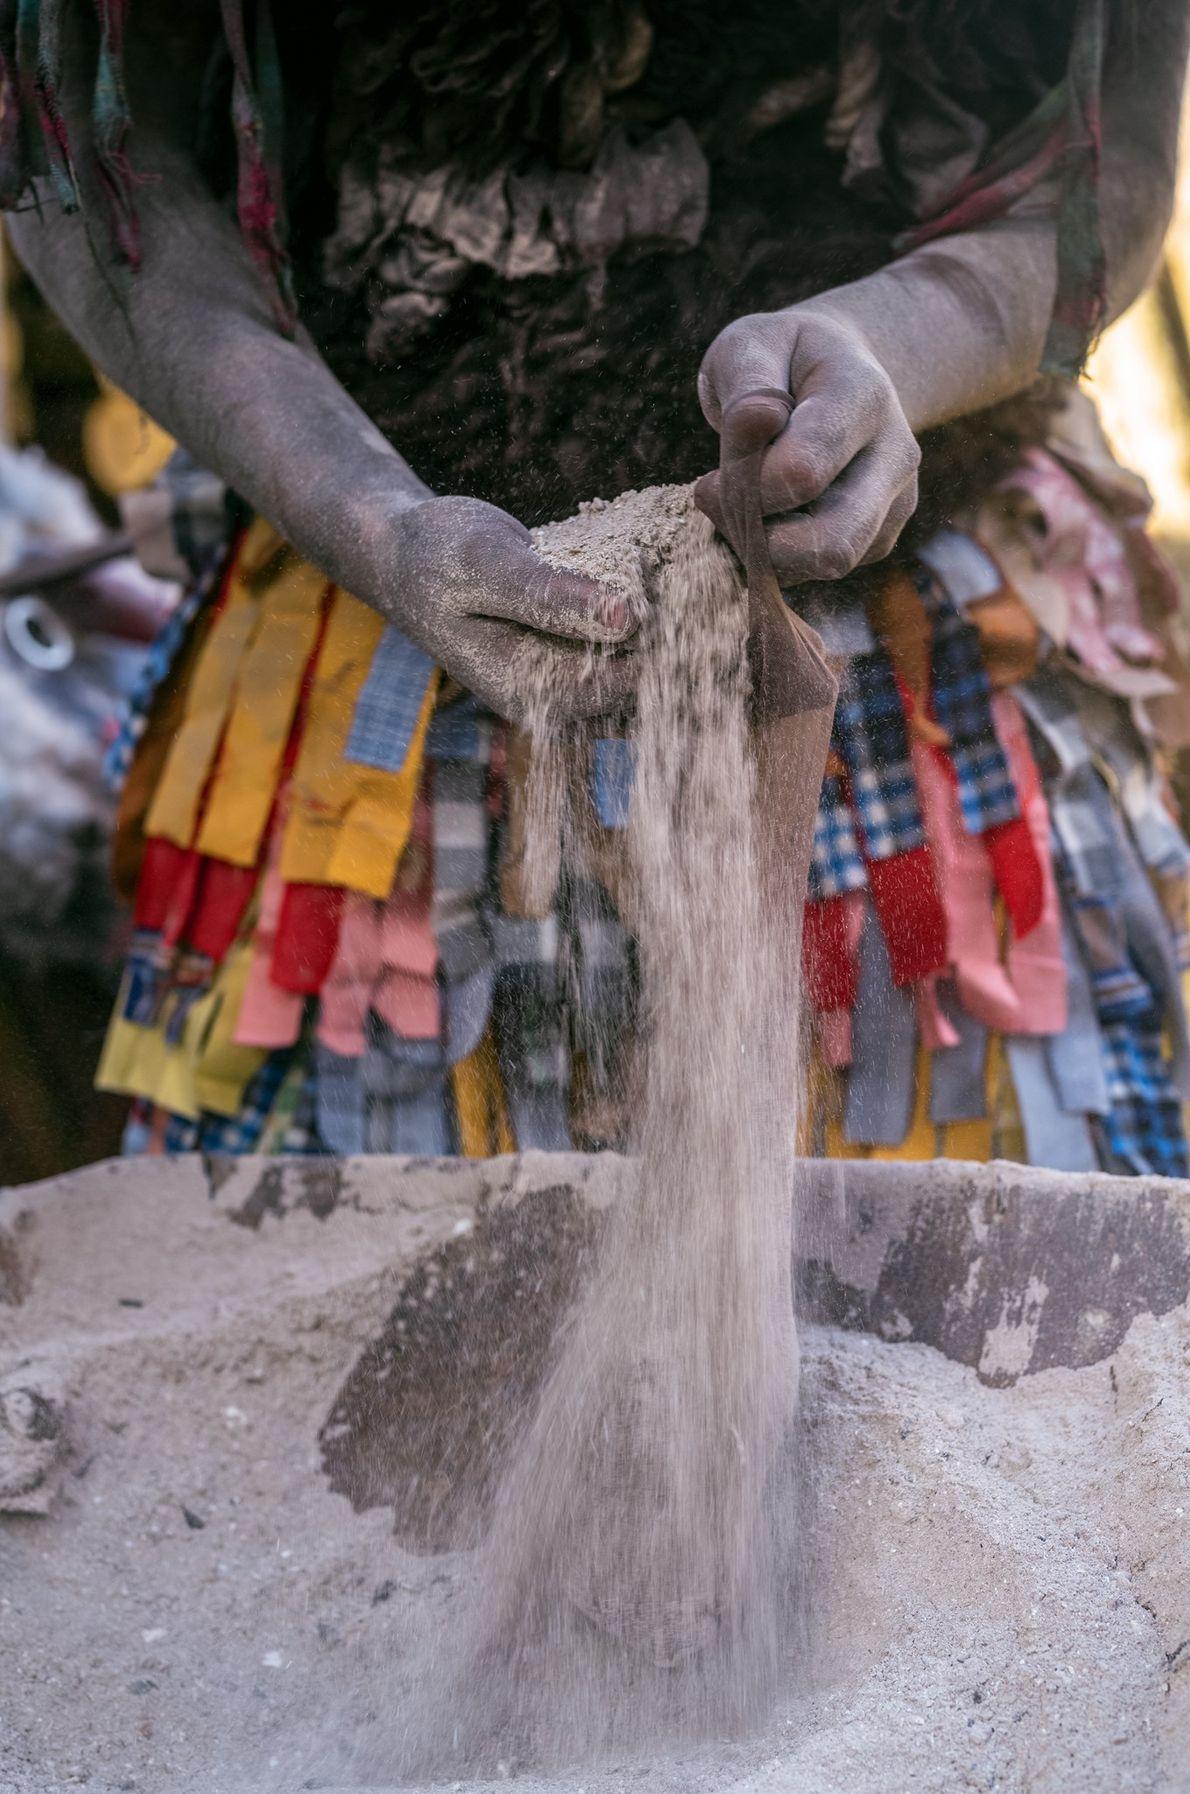 Ces chaussettes remplies de cendre sont utilisées pour « battre » (gentiment) les plus jeunes  ...